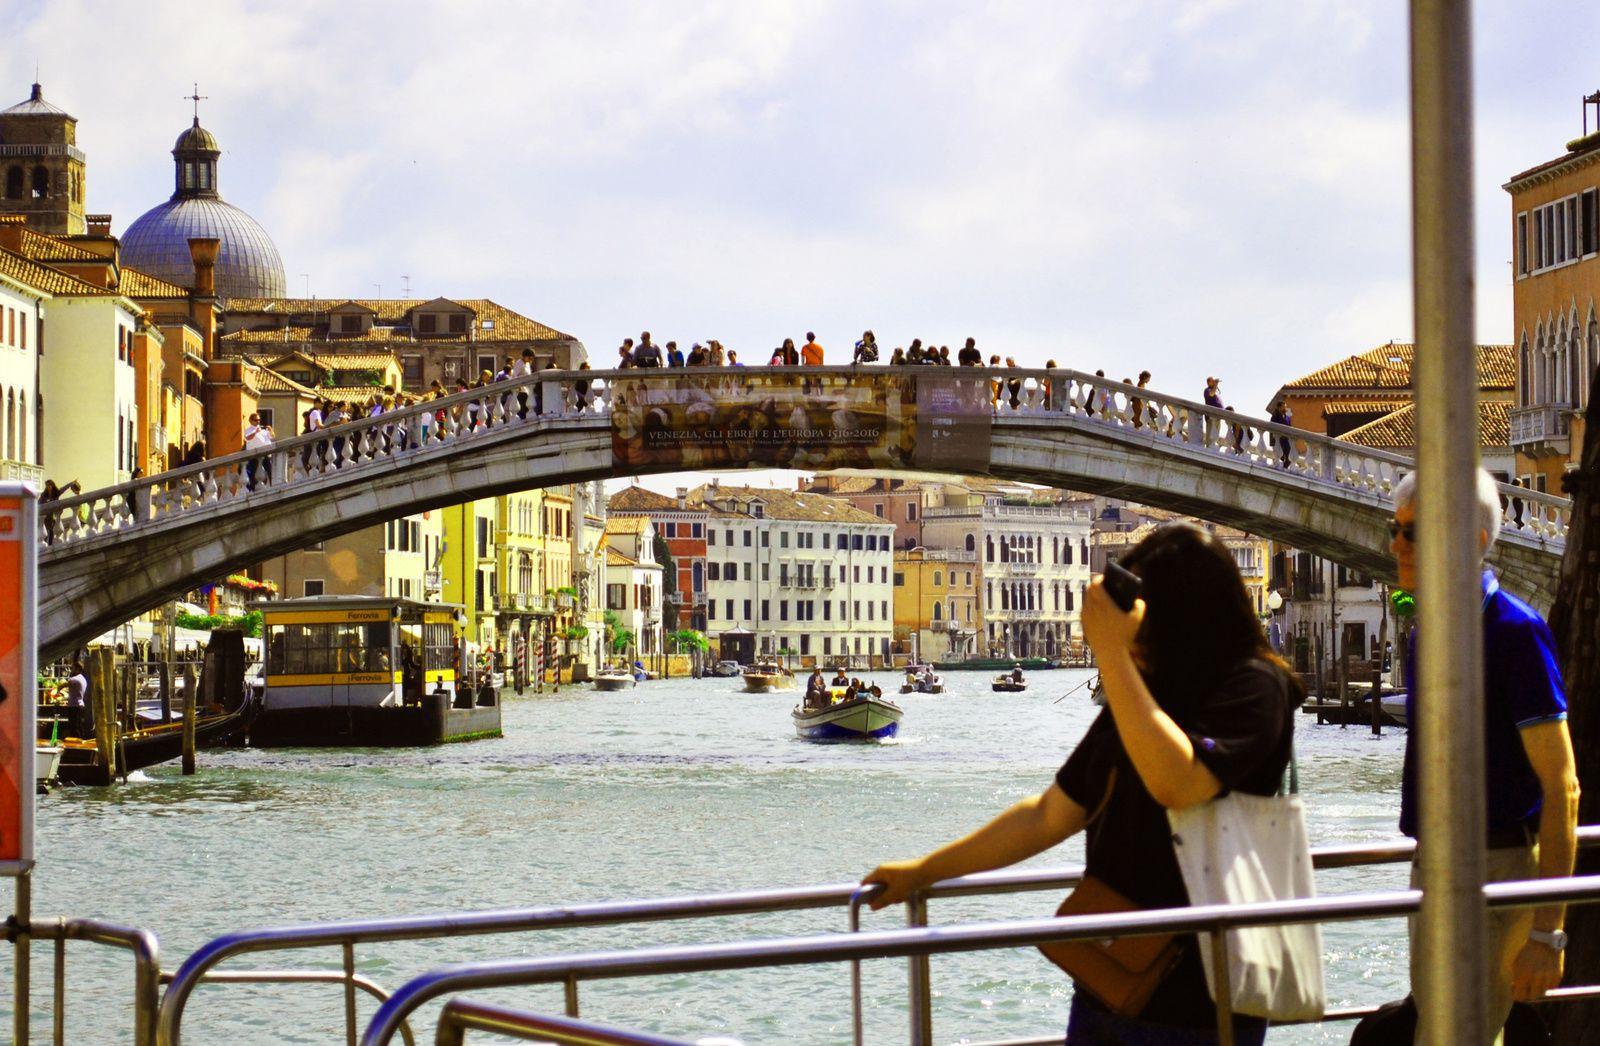 L'un des ponts de Venise